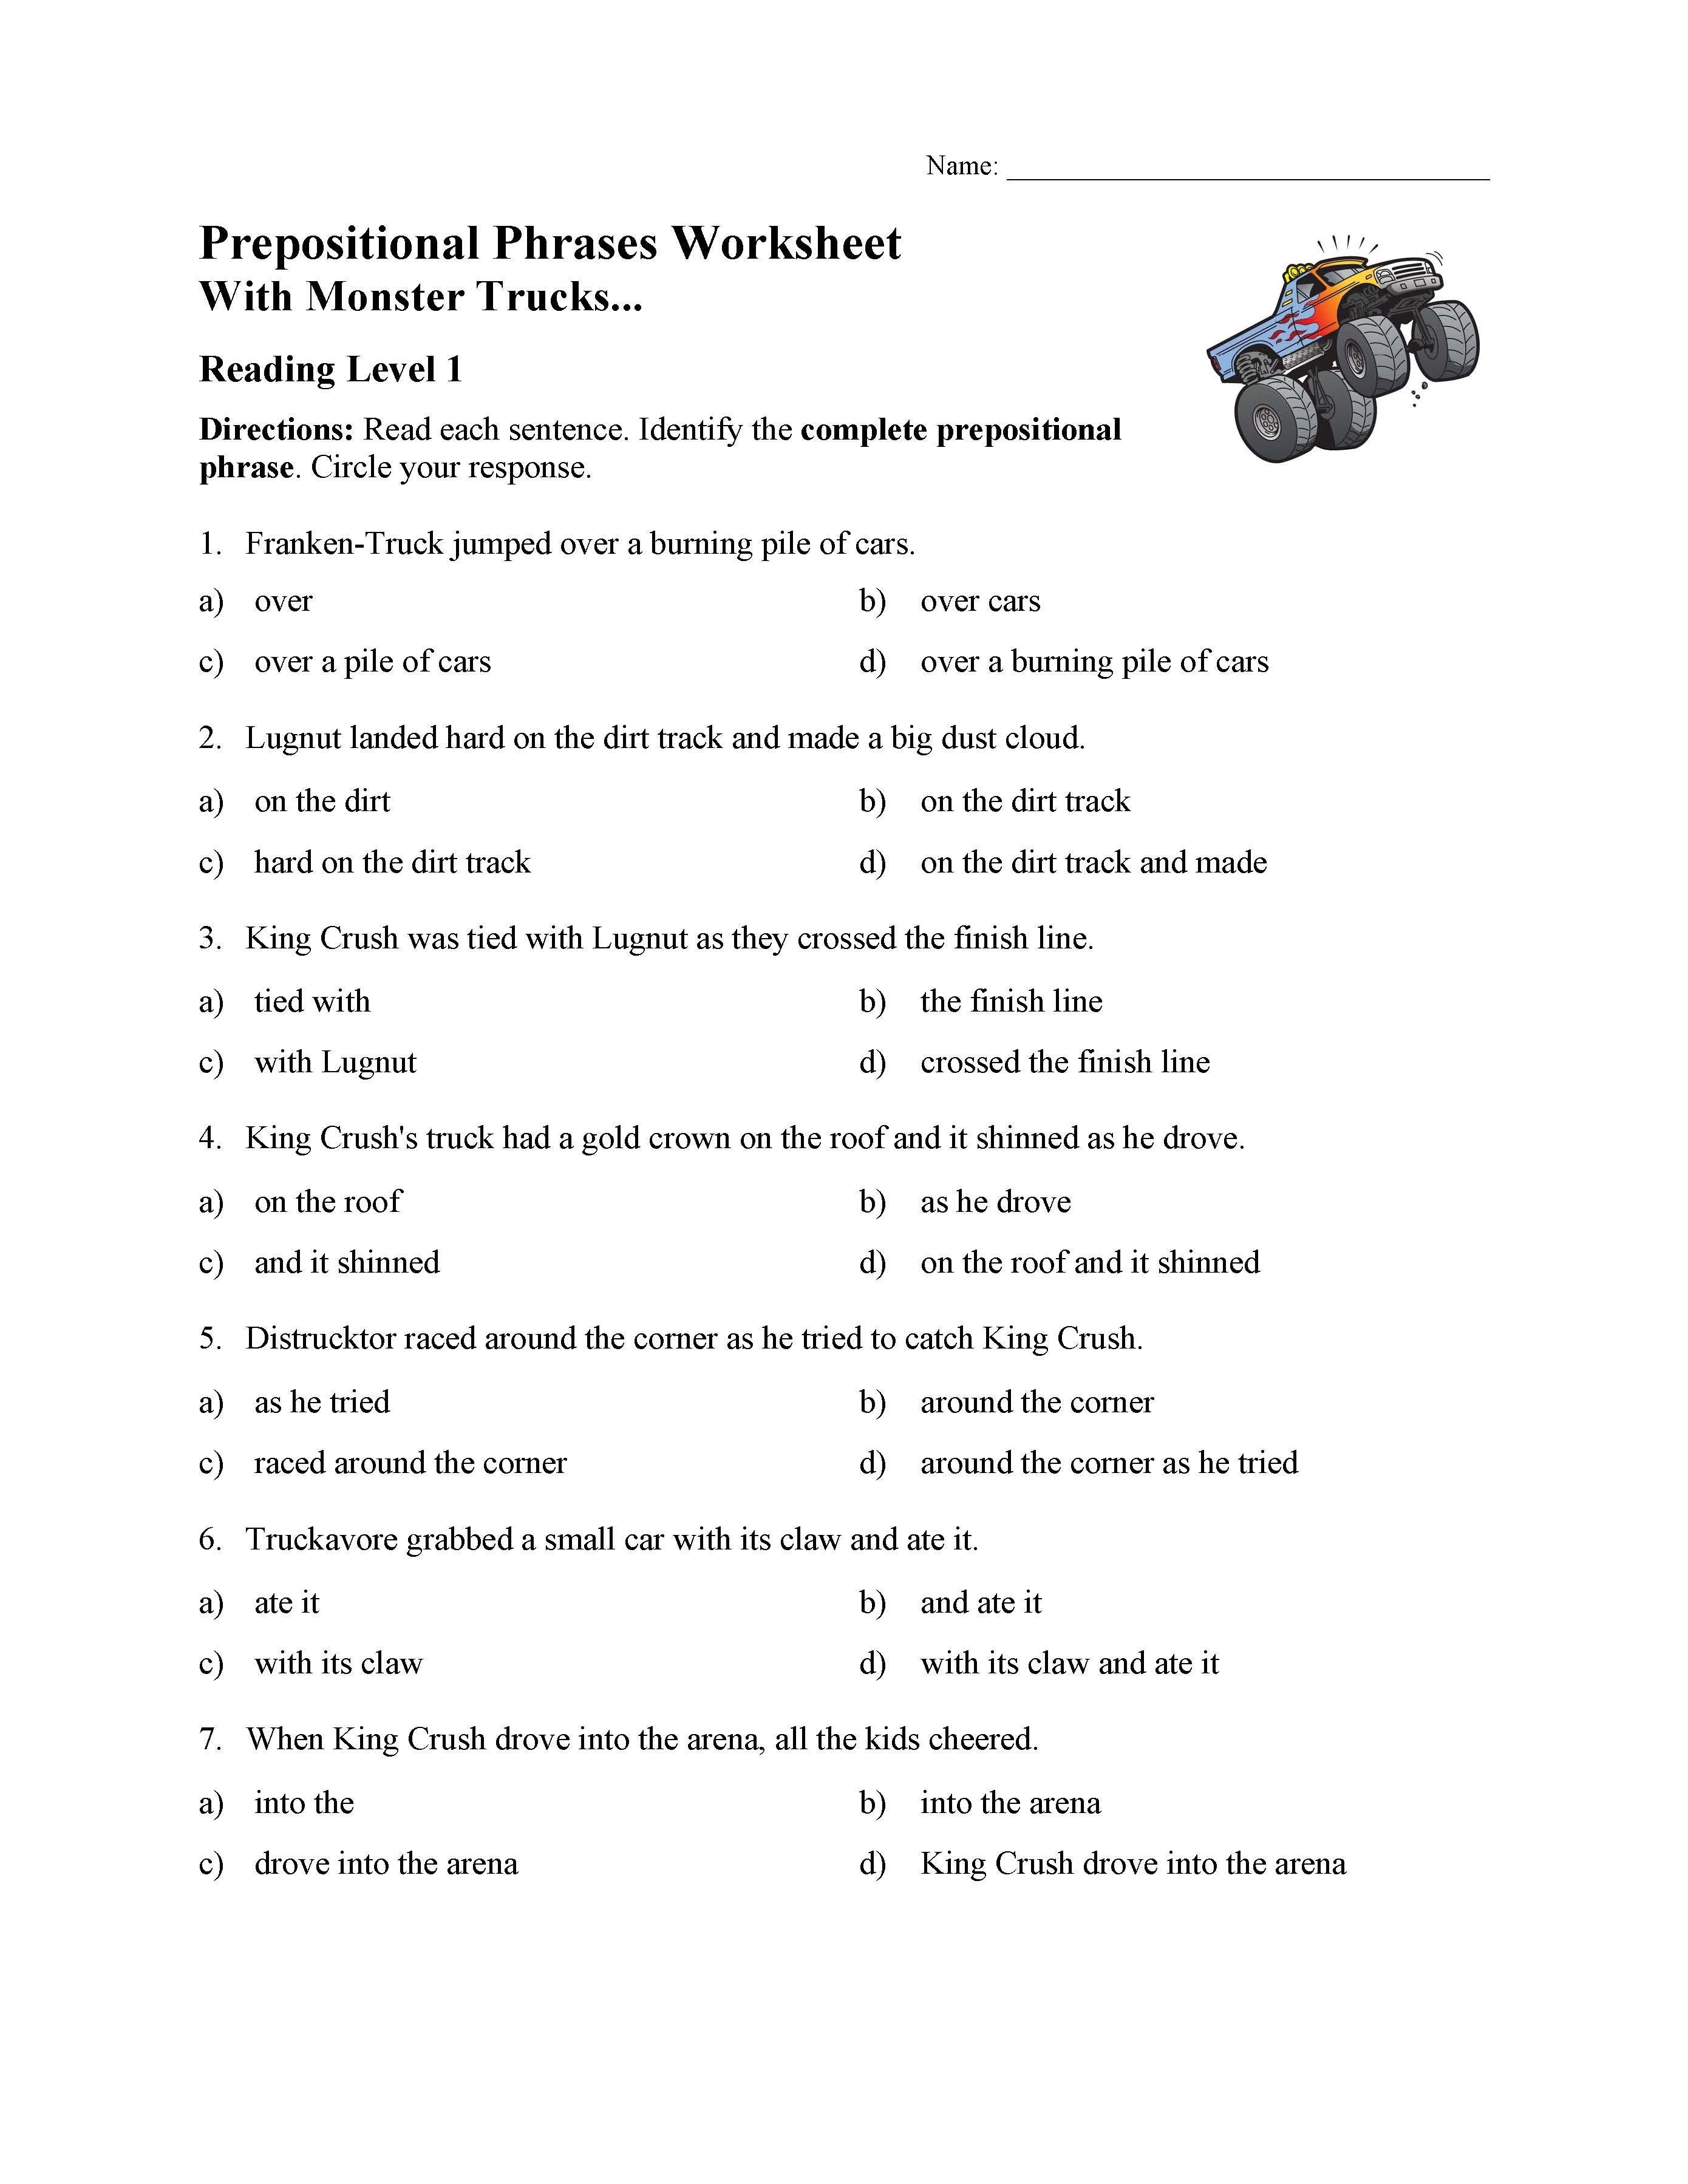 3rd Grade Preposition Worksheets Prepositional Phrases Worksheet 1 Reading Level 1